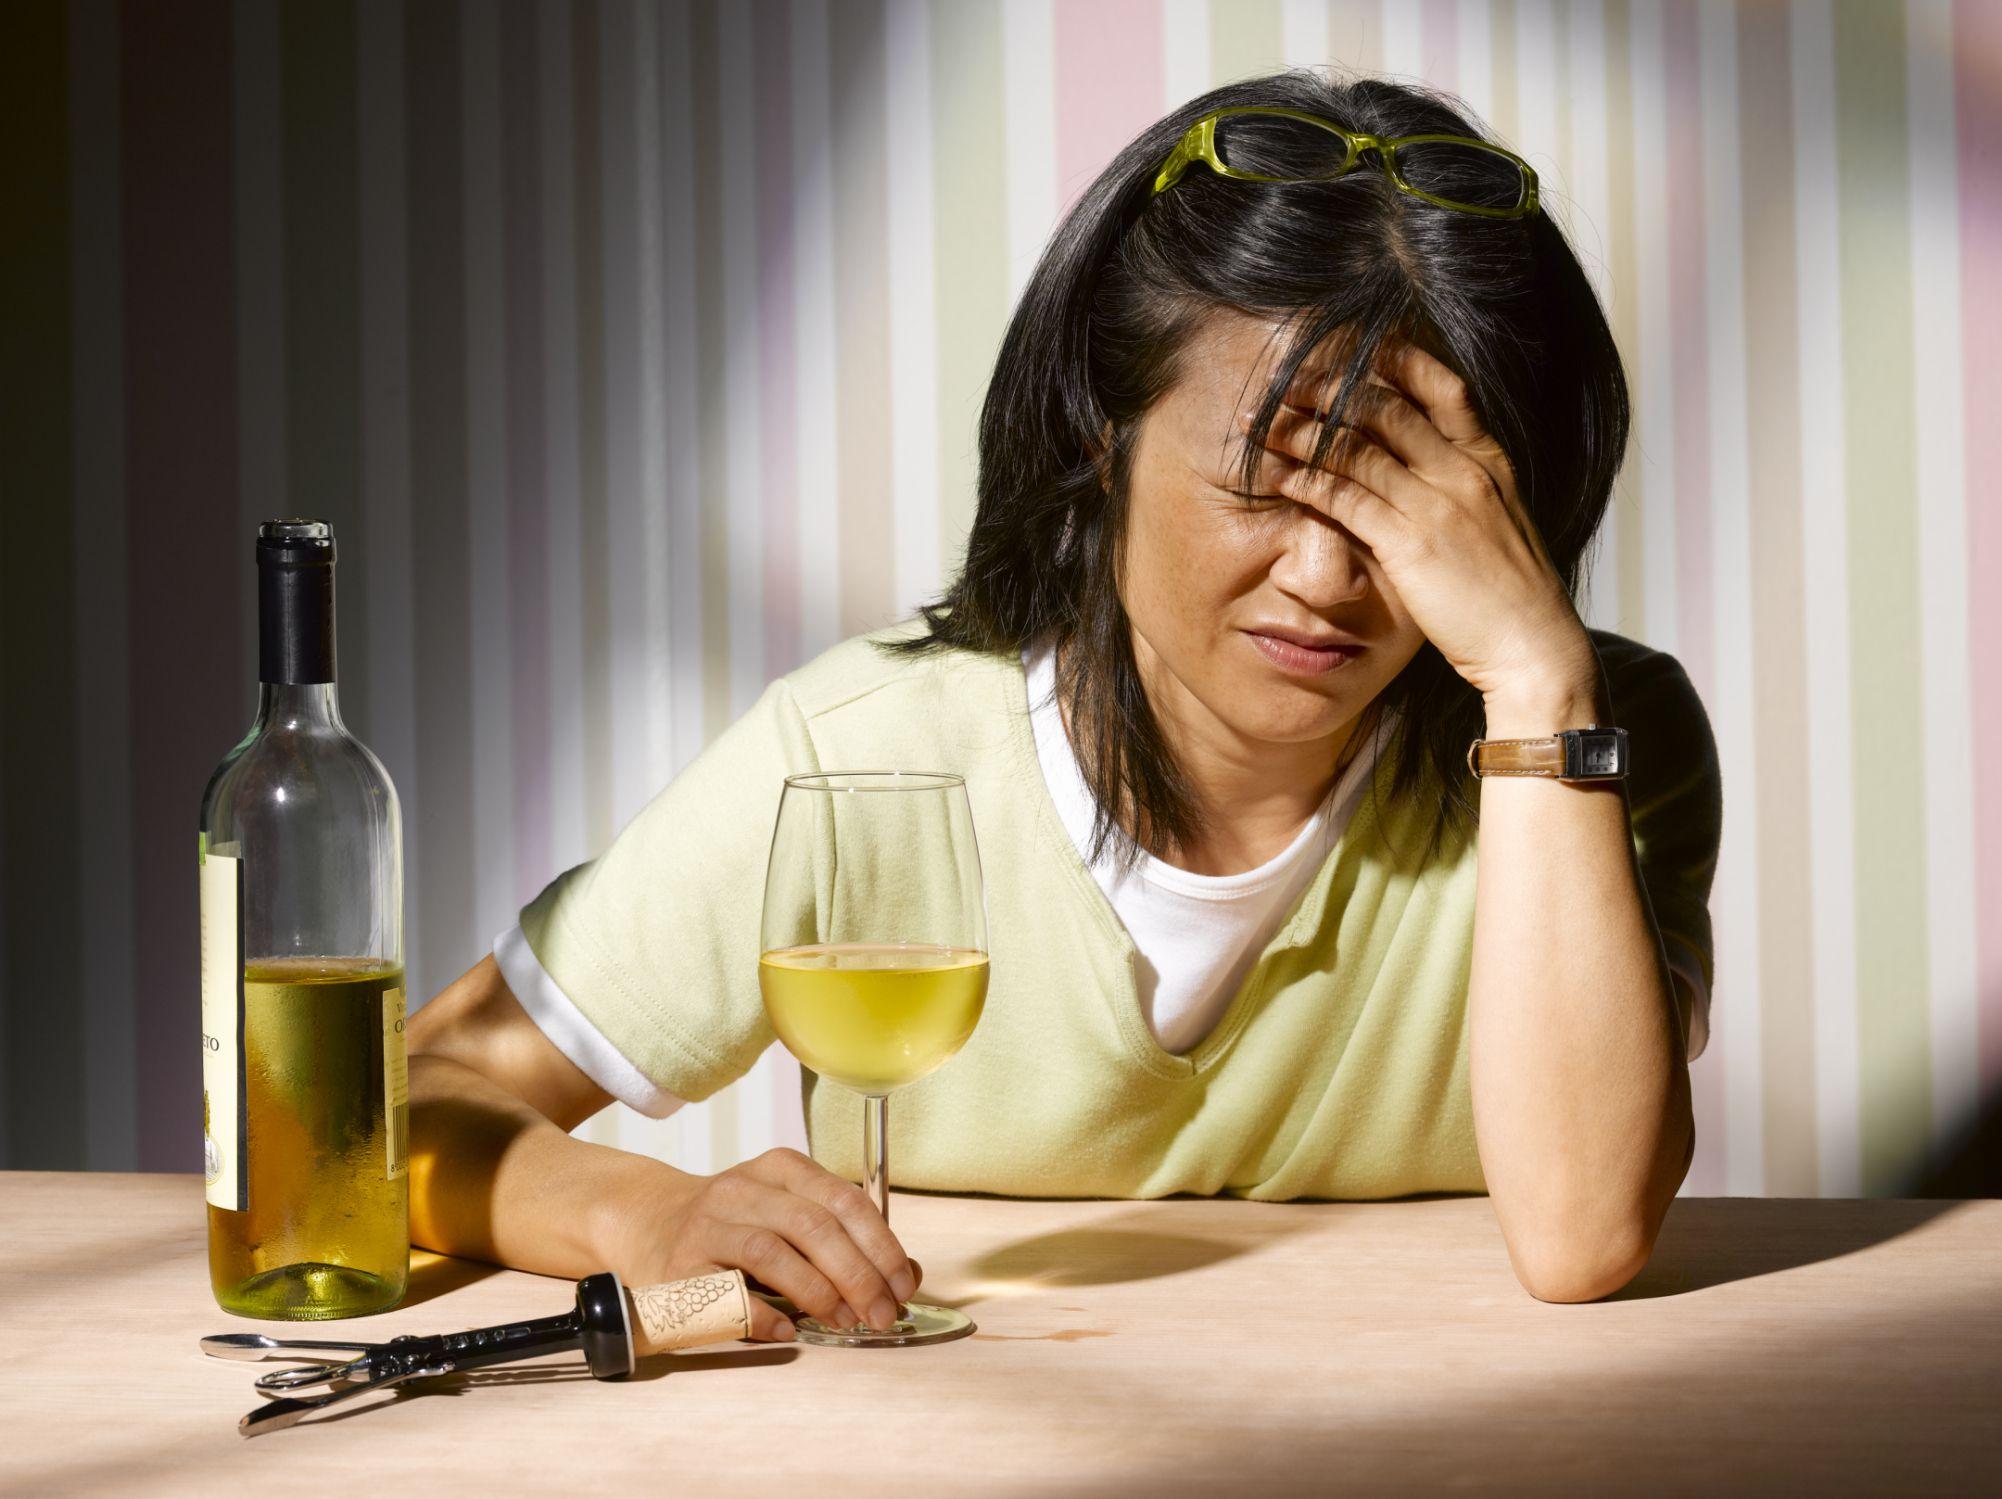 бросились пострадавшему, женский алкоголизм фото приколы такие